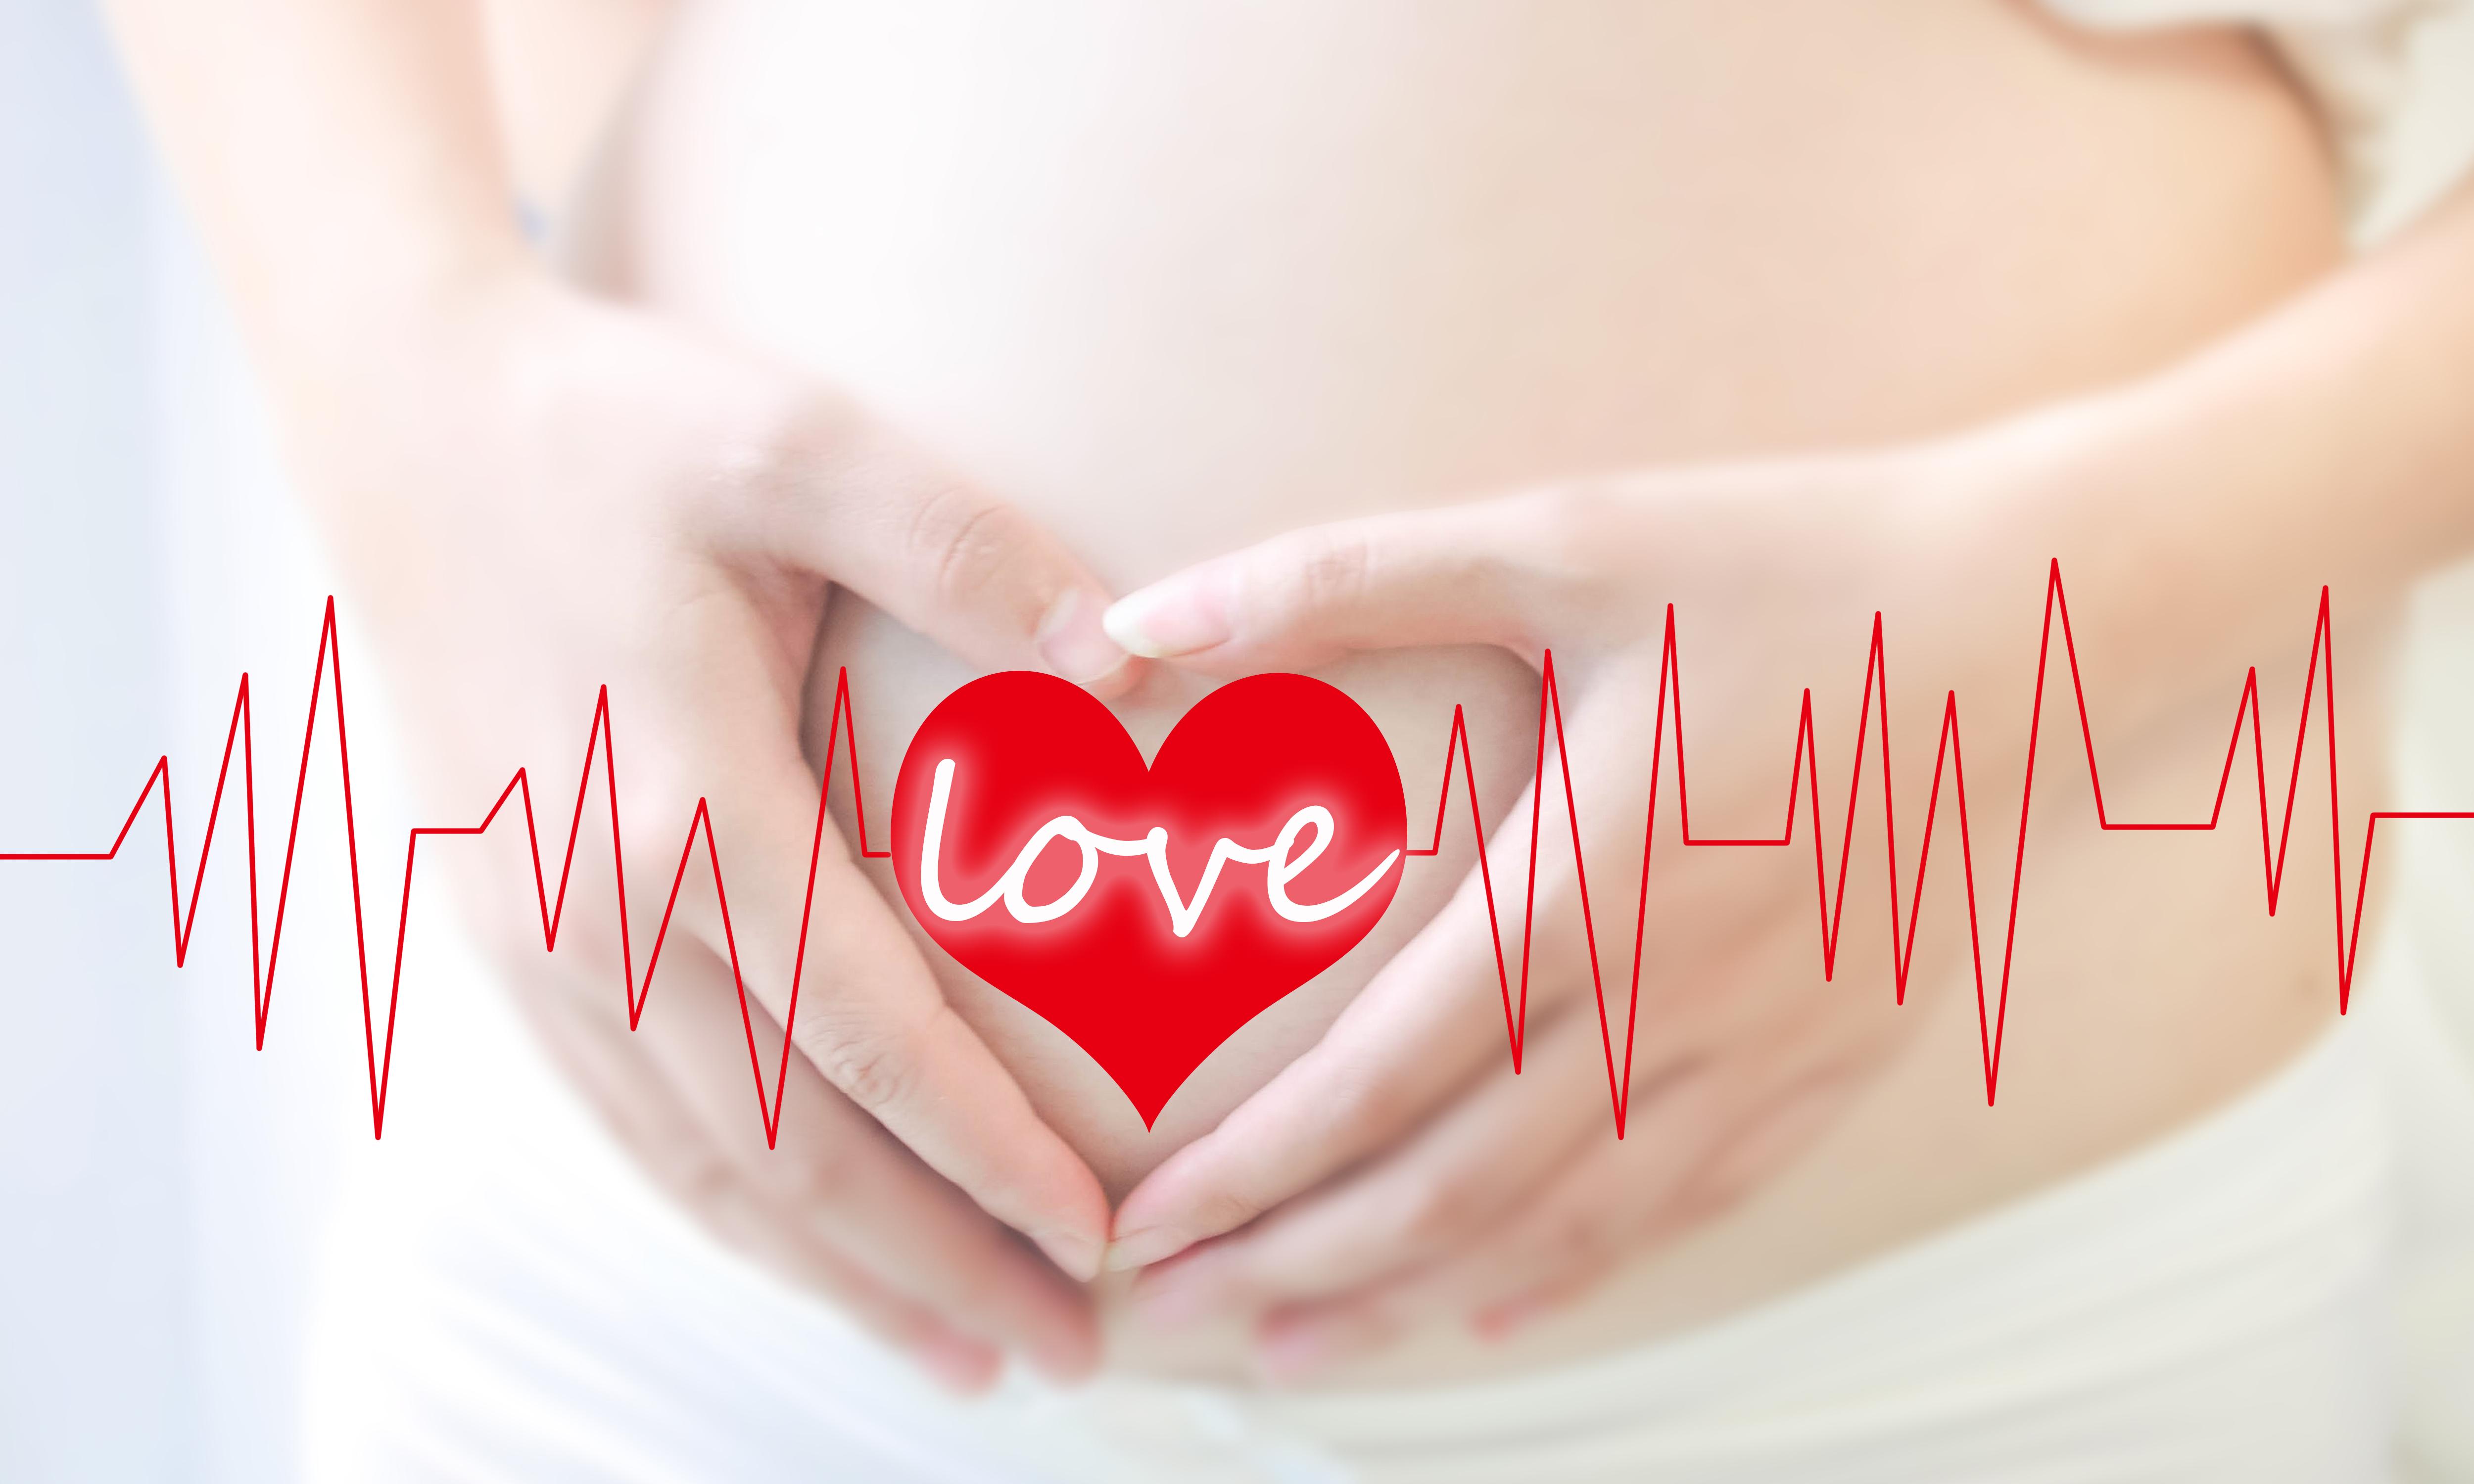 怀孕第一个月会出现什么症状